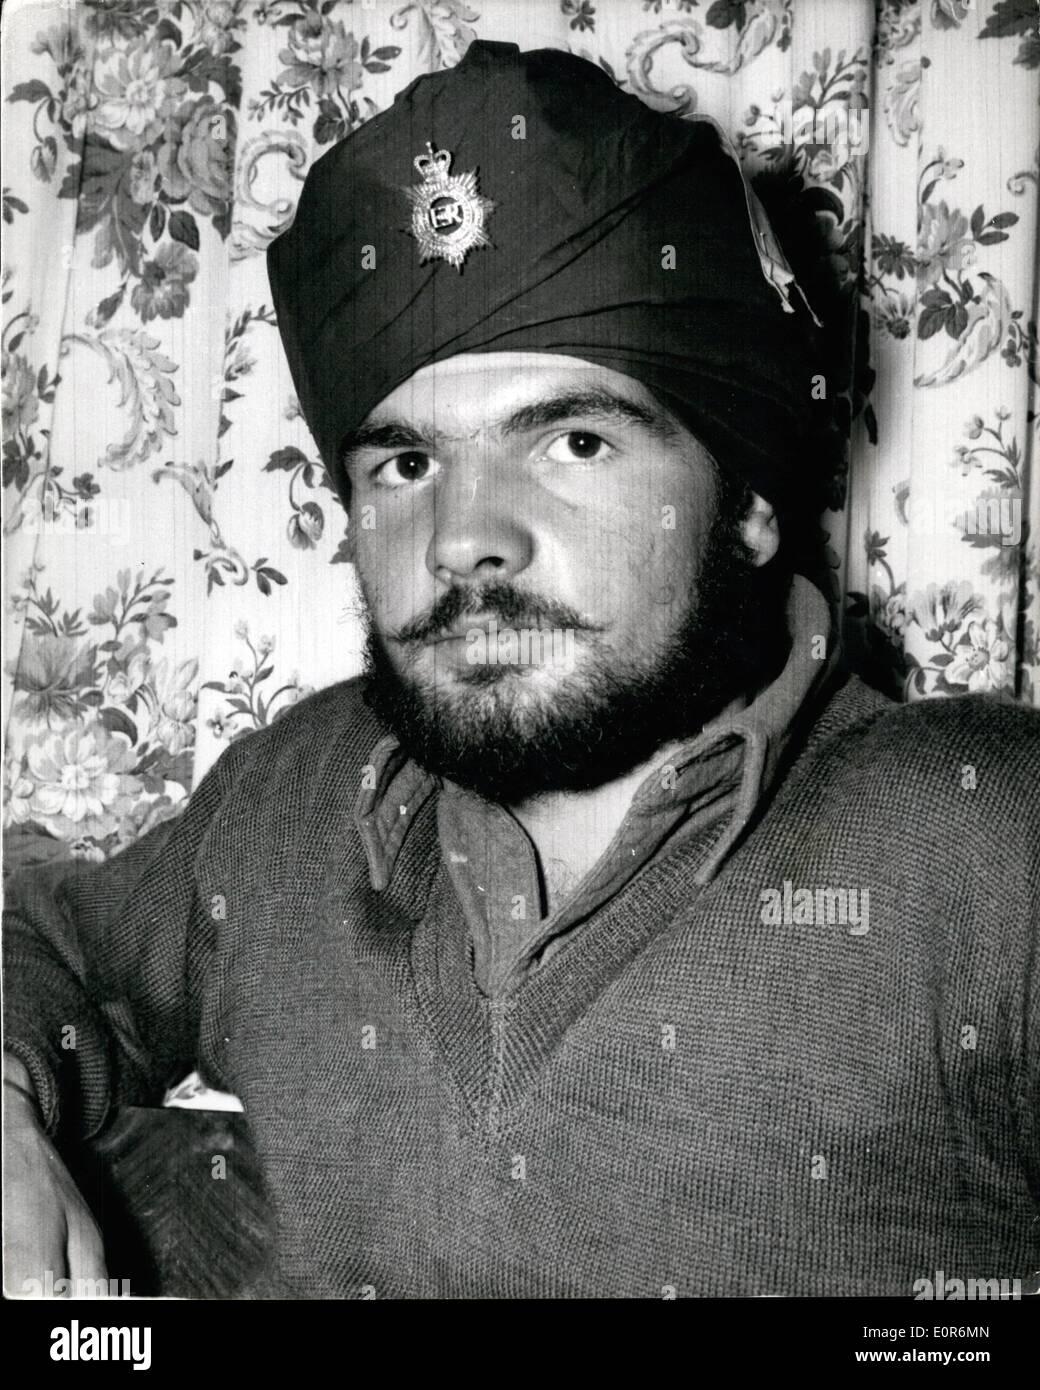 Mayo 02, 1958 - 2-5-58 el servicio nacional hombre que gira sij, llega a casa, pero dice que él está volviendo ââ'¬â€oePrivate Foto de stock